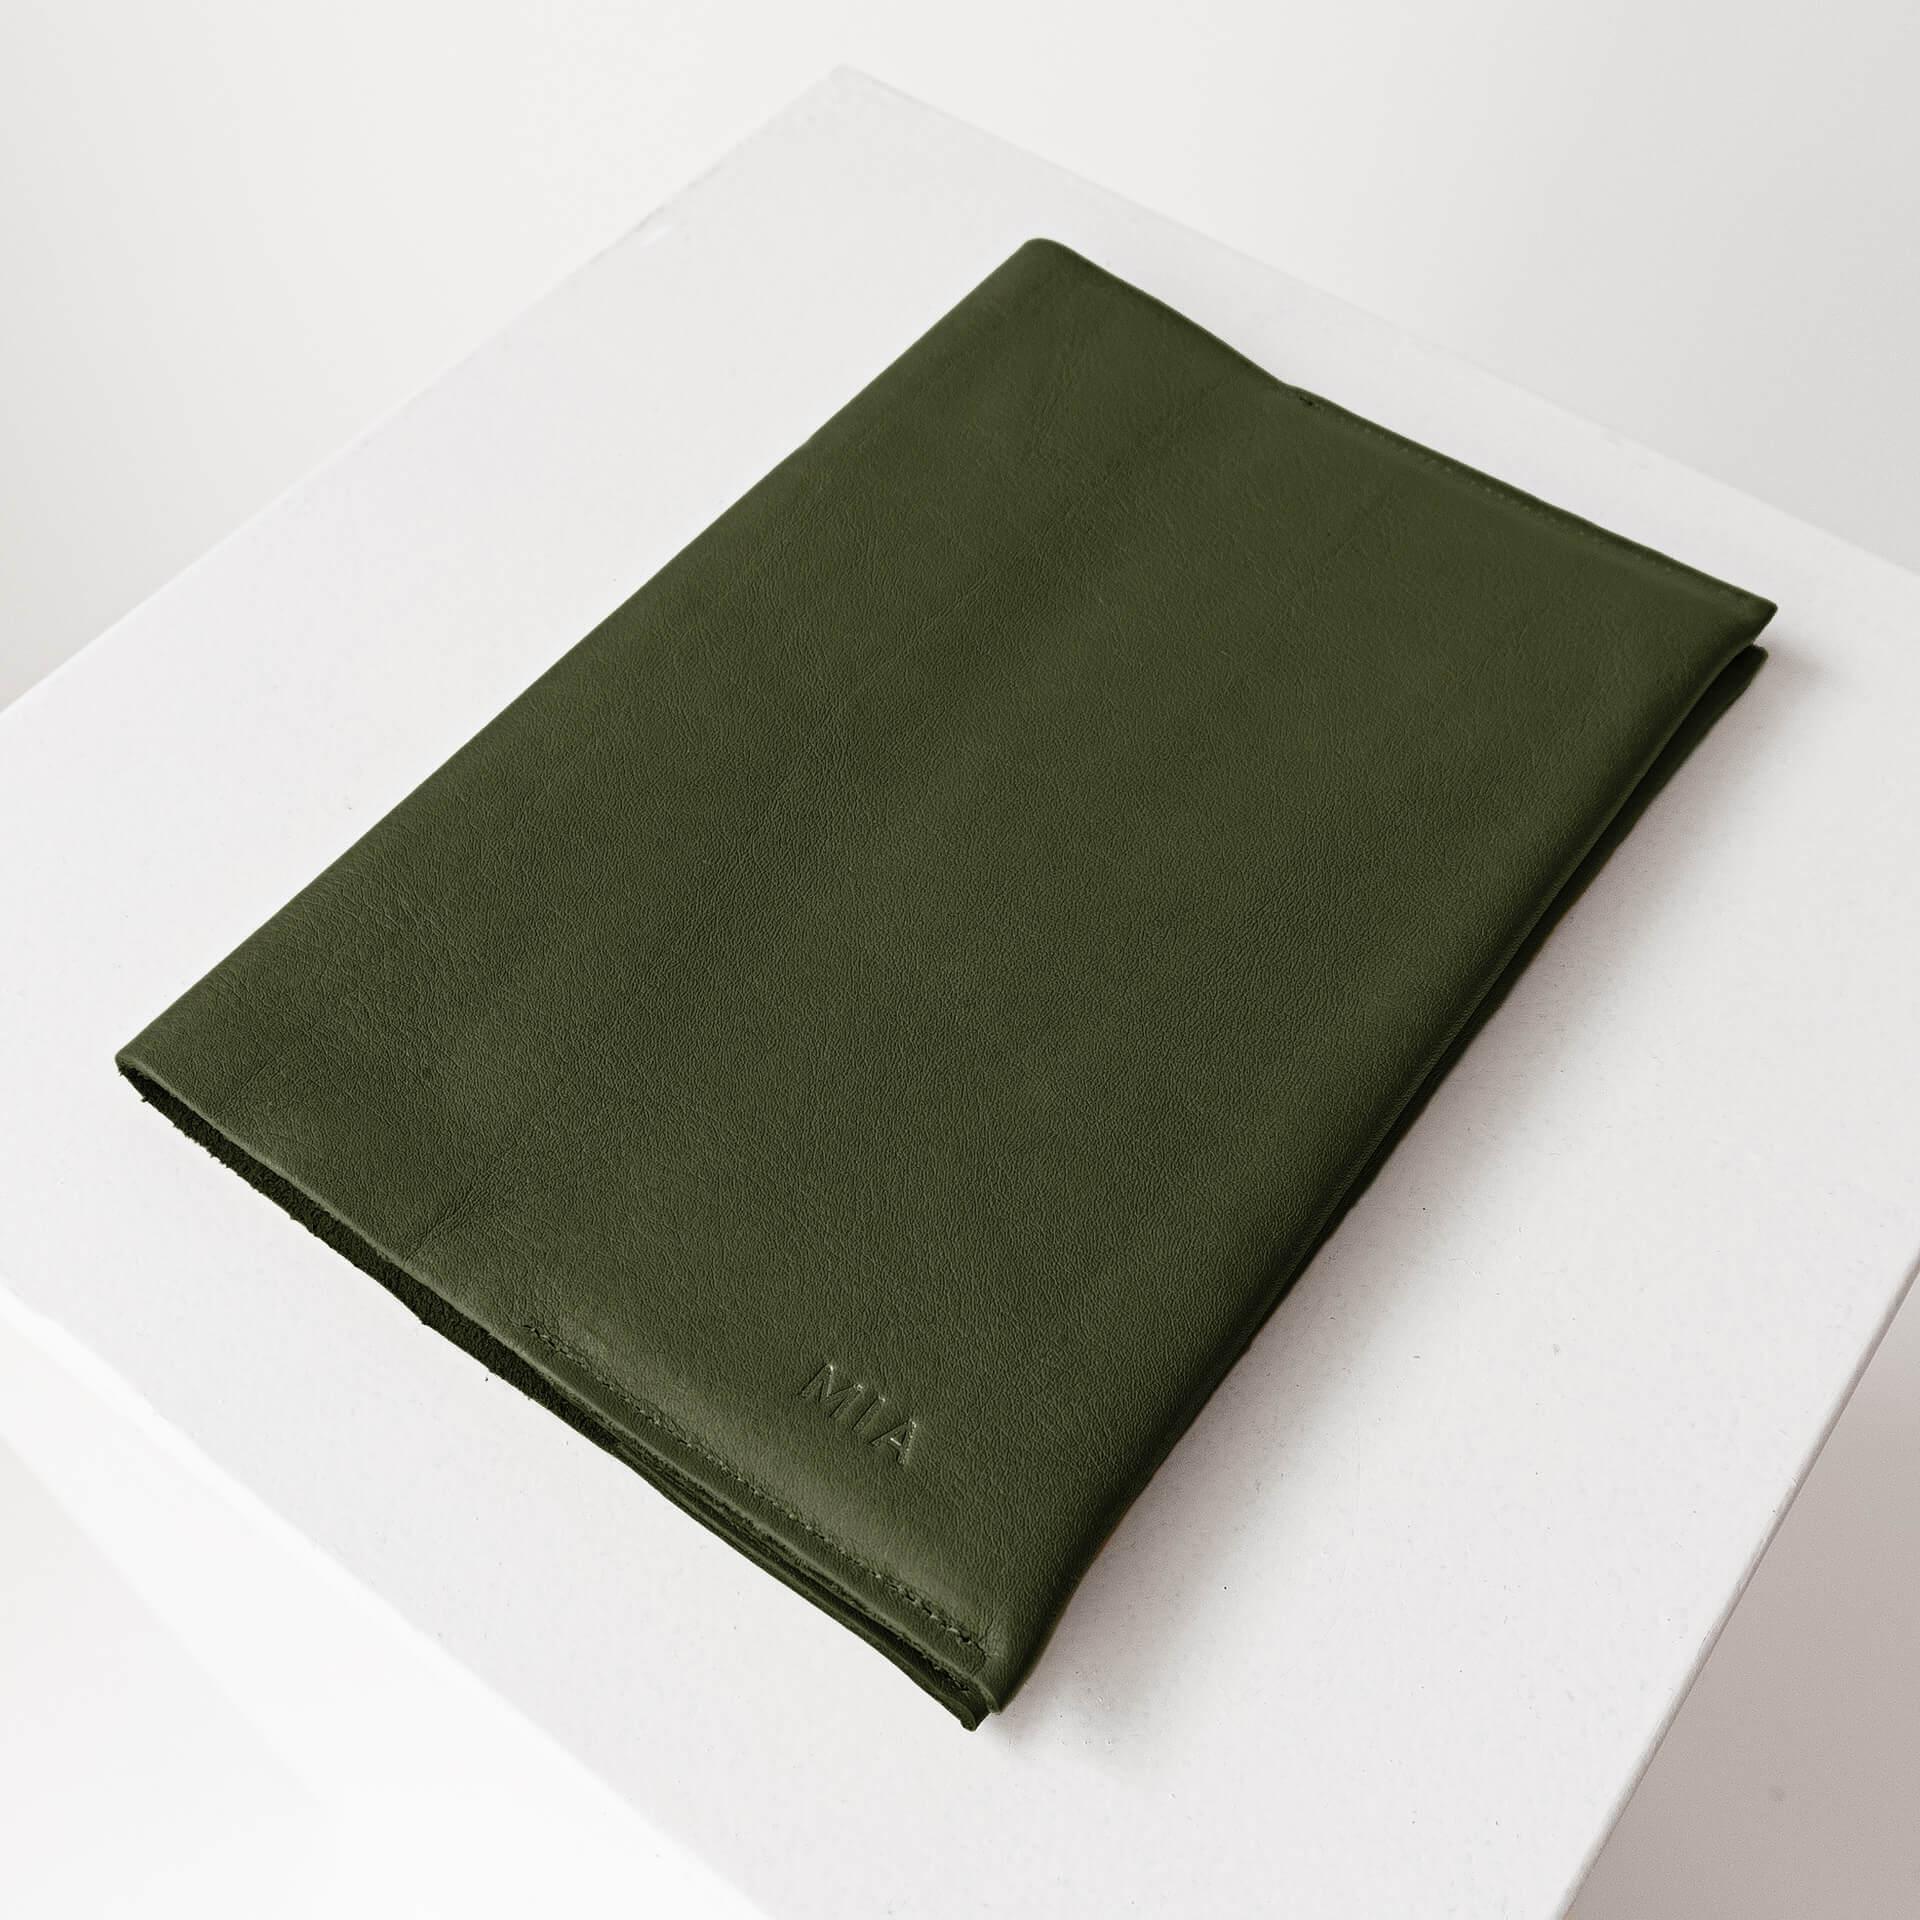 U-Hefthülle EVE aus nachhaltigem Naturleder in Oliv mit individueller Prägung in Natur